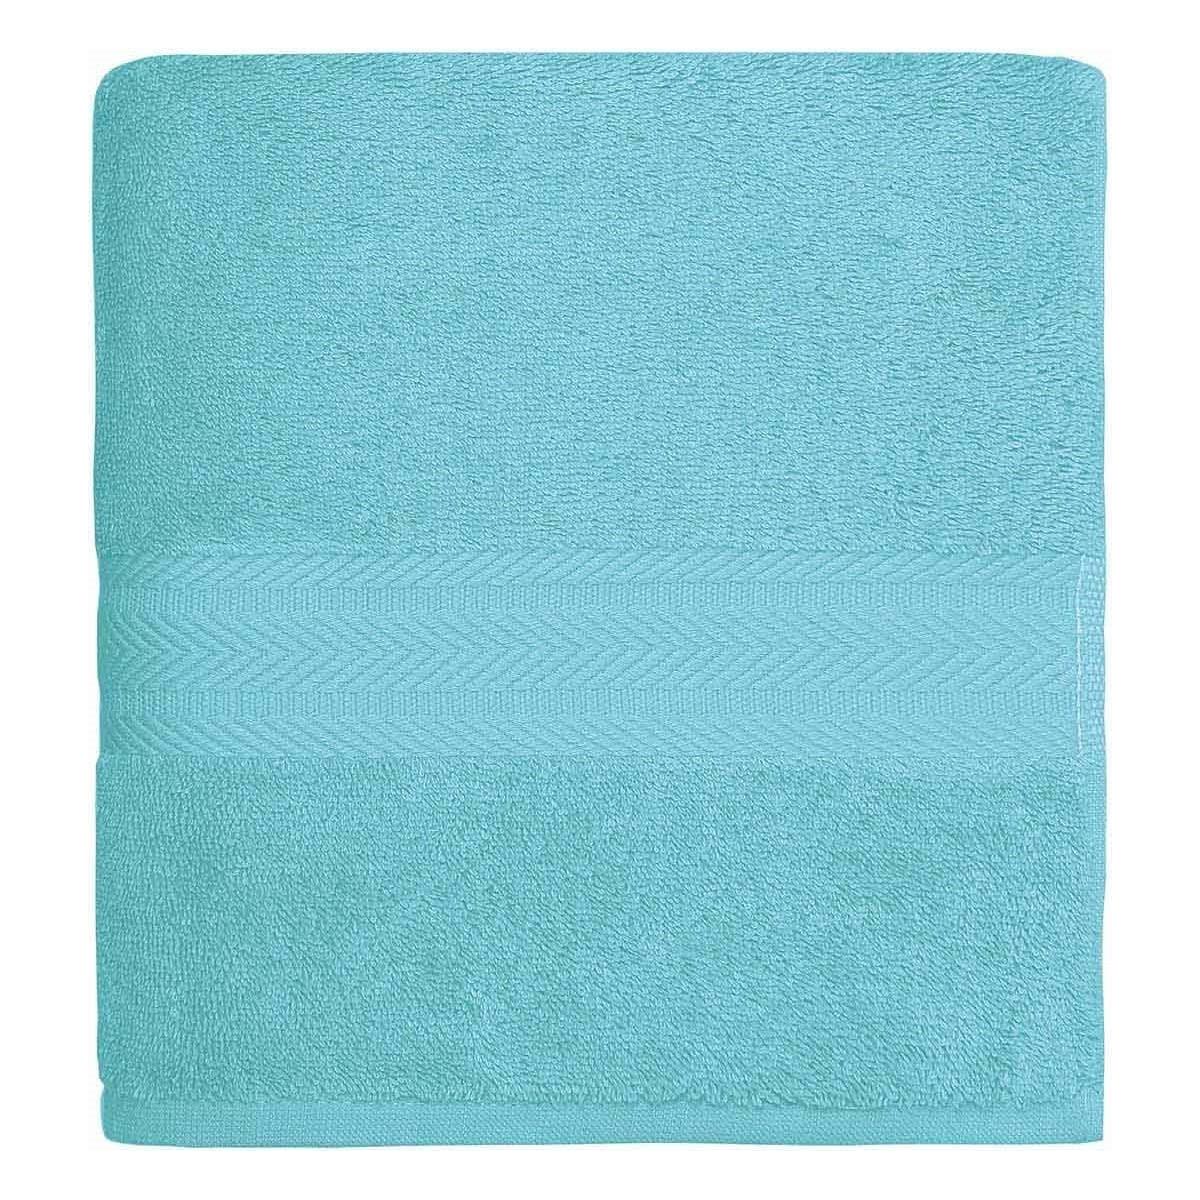 Drap de bain 550gr/m²  Bleu Turquoise 70x140 cm